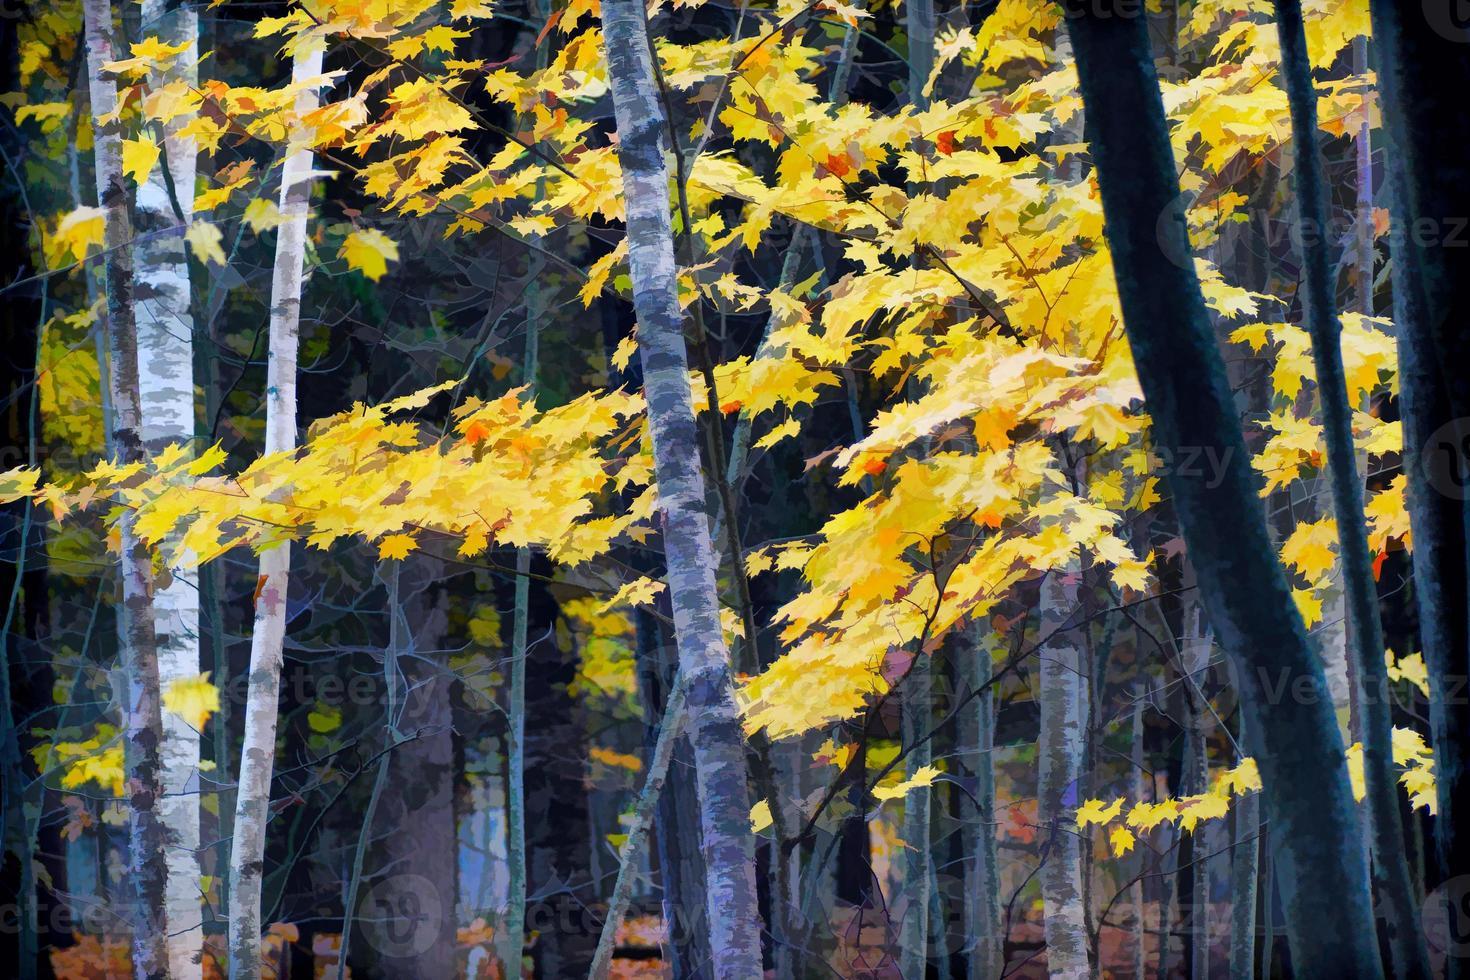 outono floresta de bétulas, efeito de tinta aquarela foto